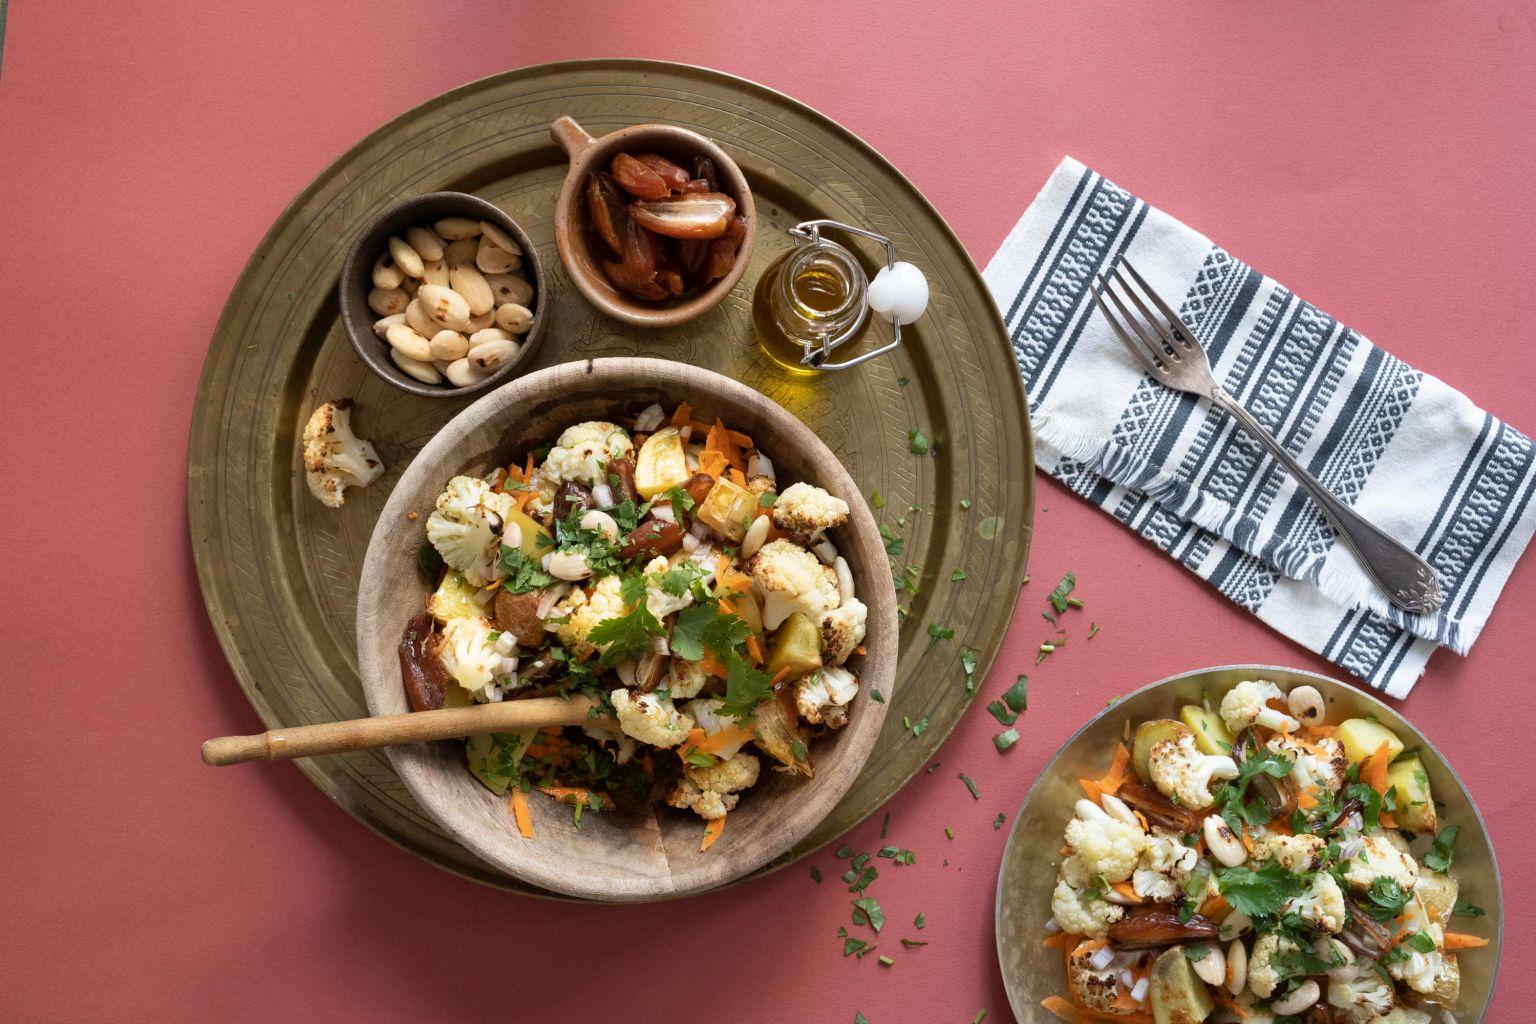 Salade de chou-fleur rôti aux dattes et amandes